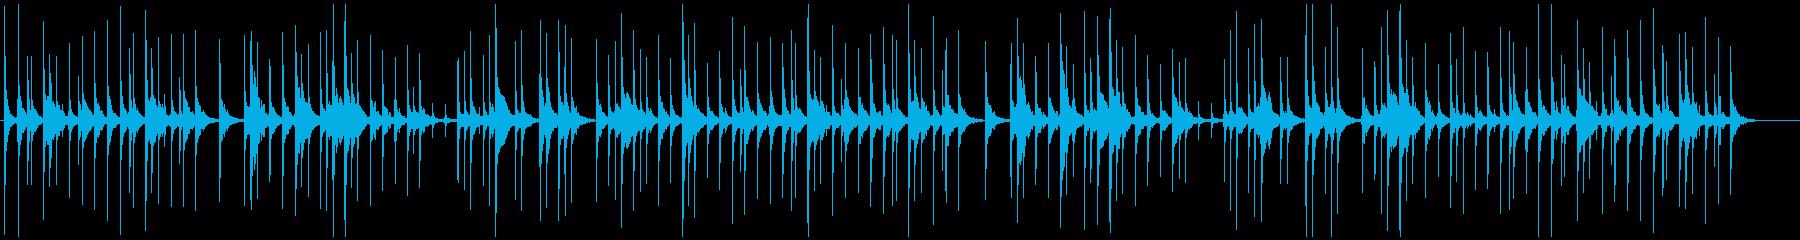 生の津軽三味線のバラード系民謡独奏の再生済みの波形